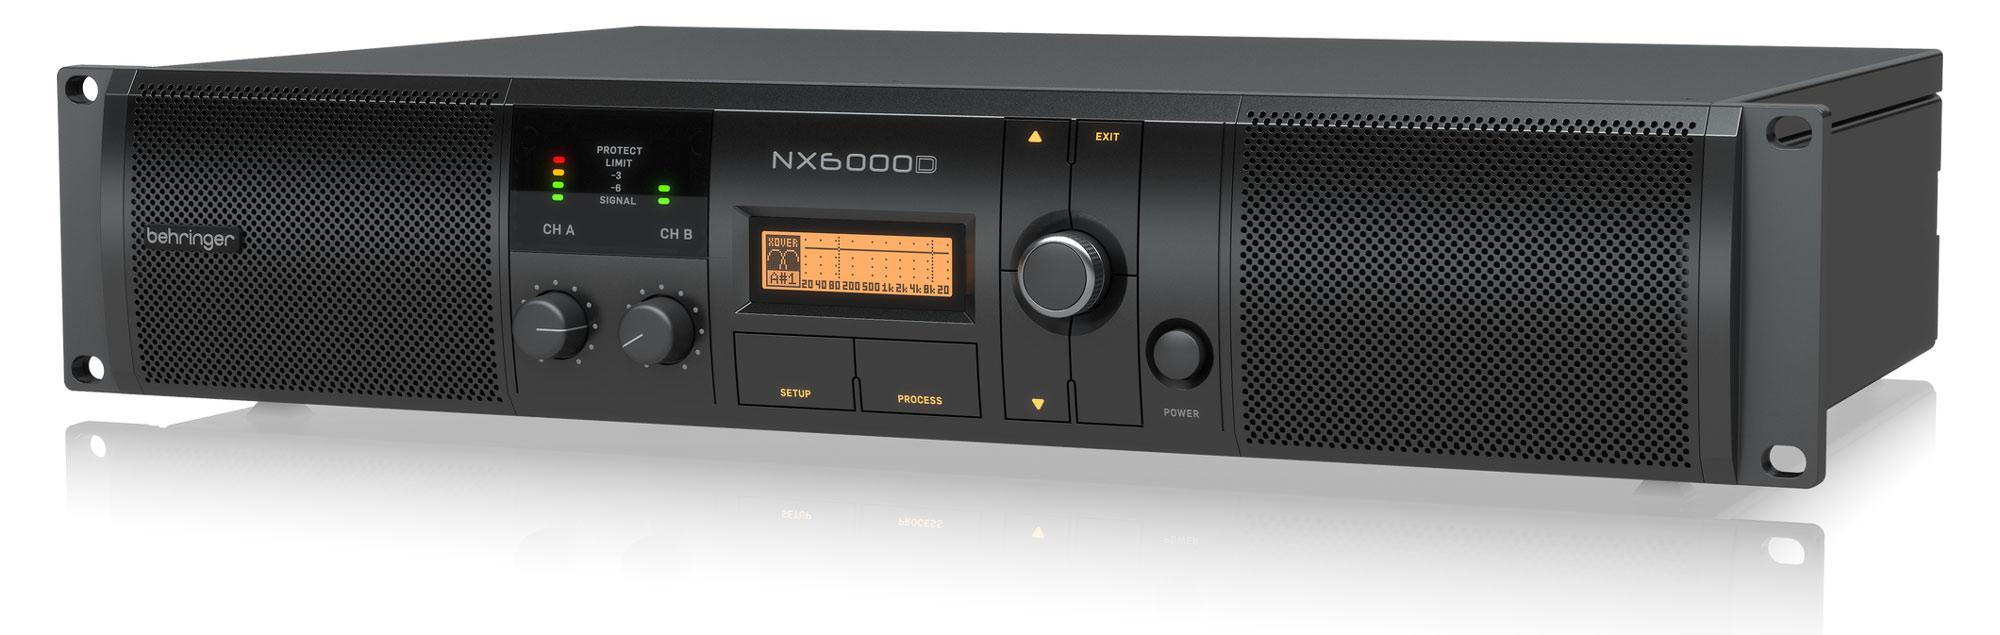 Paendstufen - Behringer NX6000D Endstufe - Onlineshop Musikhaus Kirstein